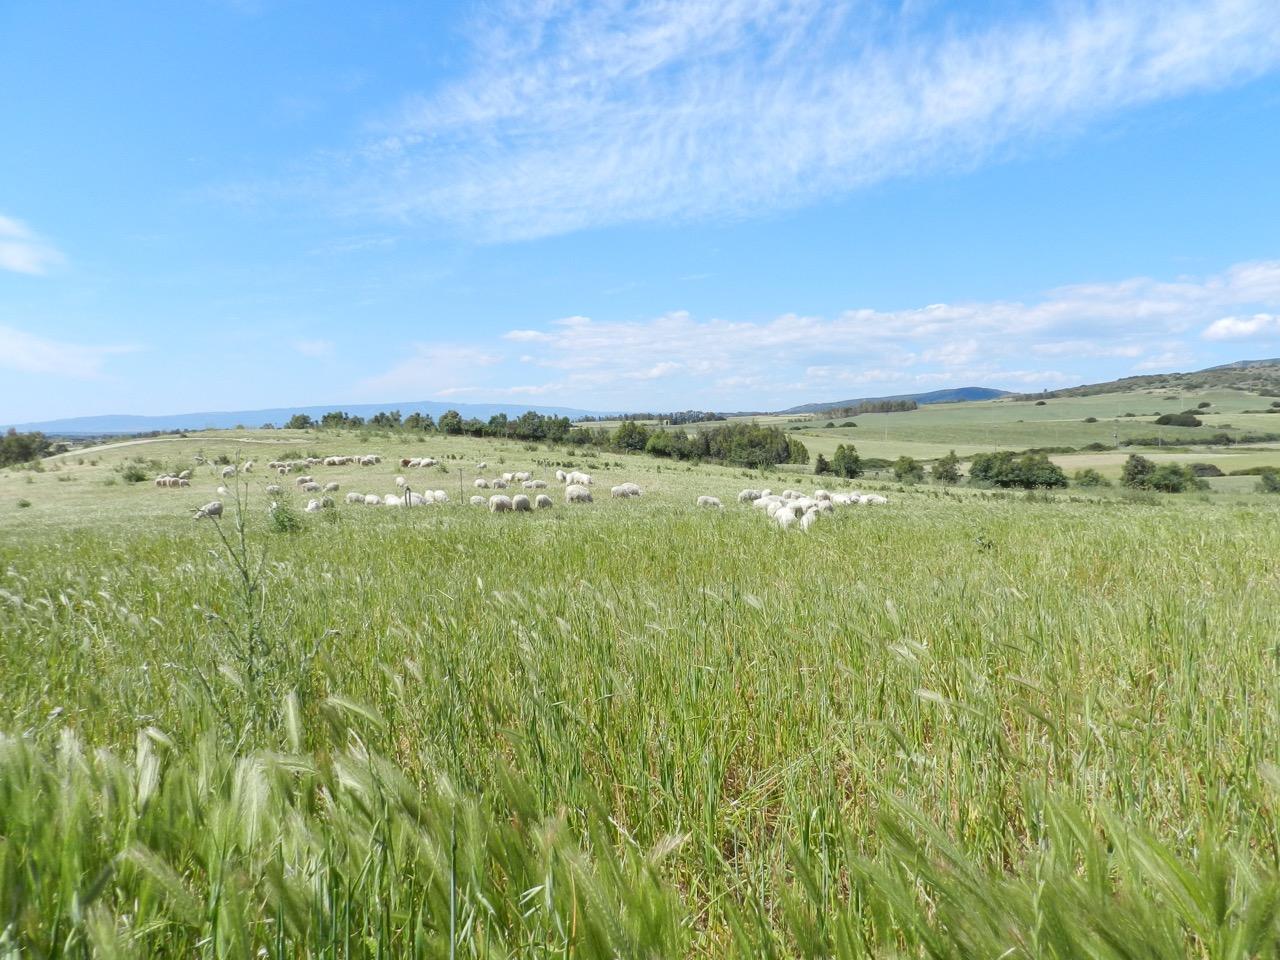 Schafe auf den Wiesen bei Siamanna